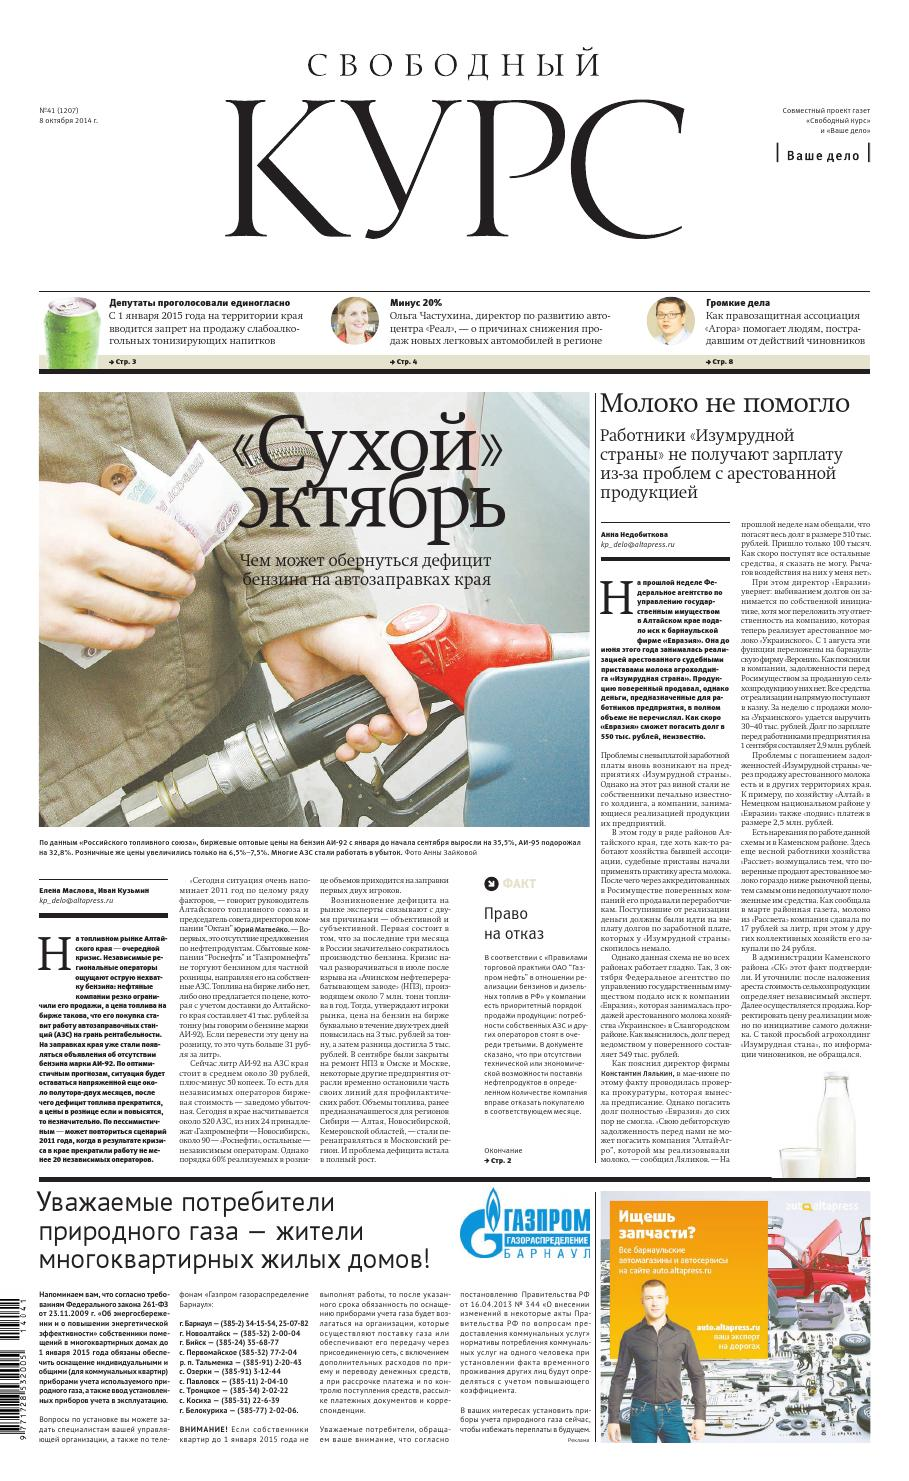 Наложат ли запрет на продажу энергетических напитков в России